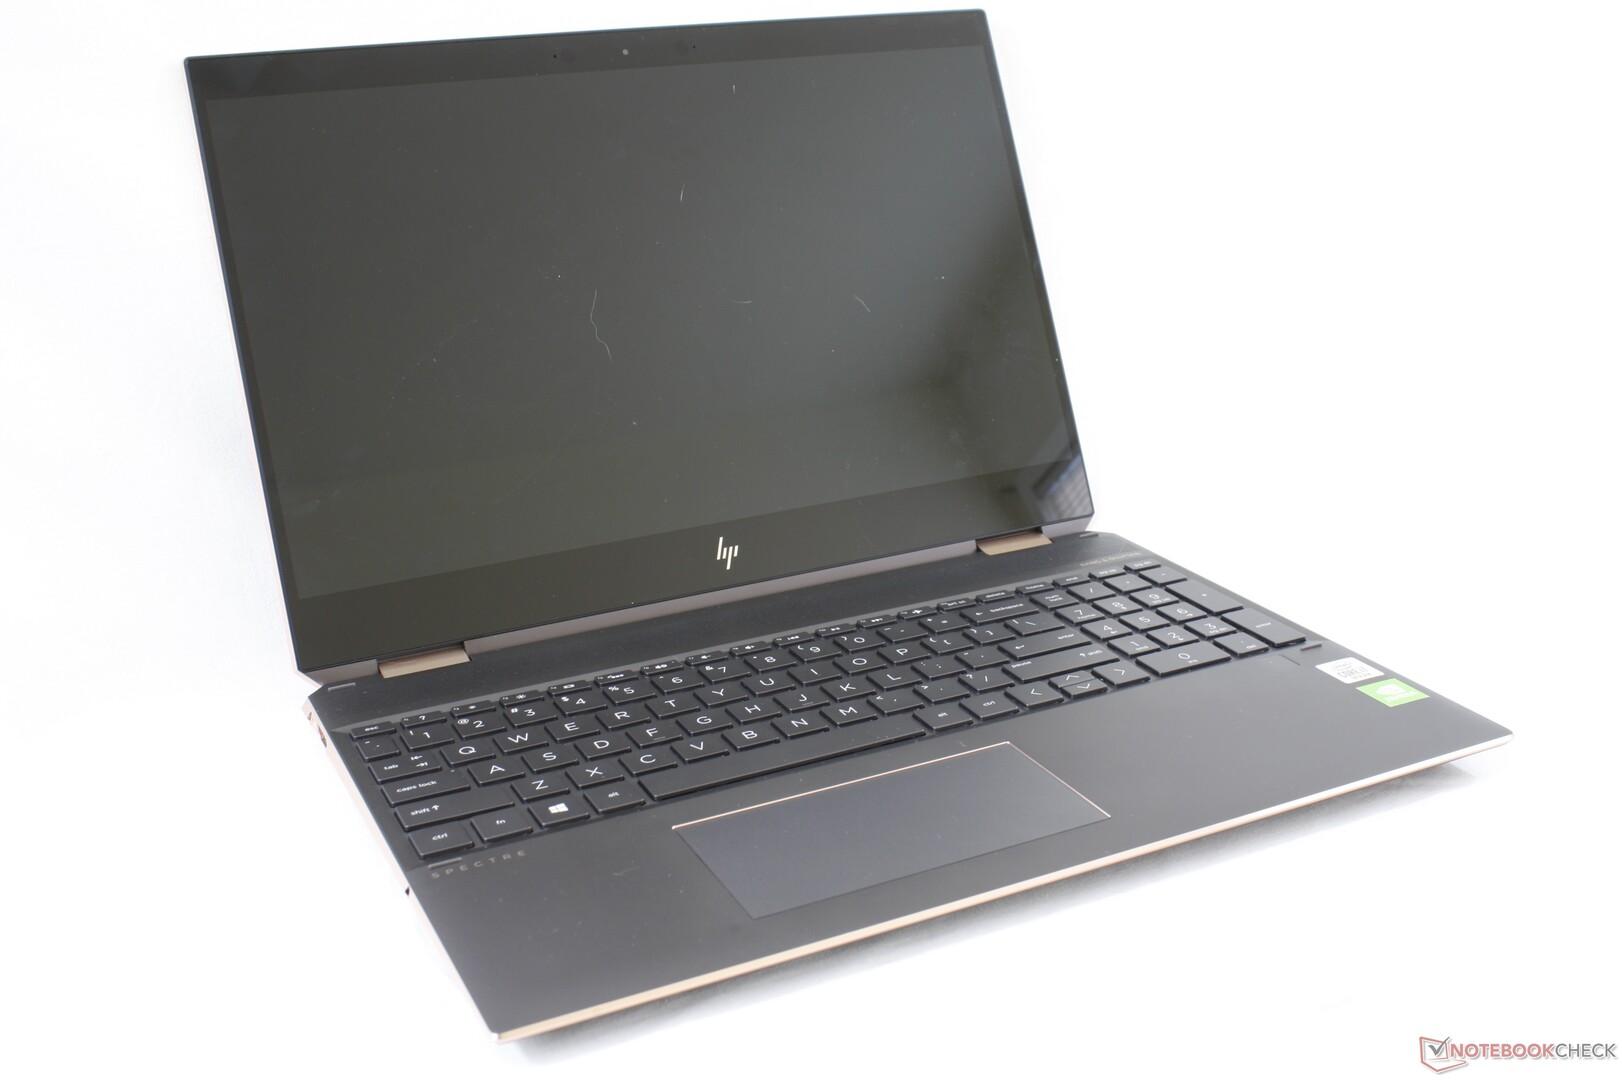 HP Spectre x360 15t: 4K IPS Touch, i7-10510U, 16GB DDR4, 256GB PCIe SSD, MX250, Thunderbolt 3, Win10H @ $1062 + F/S